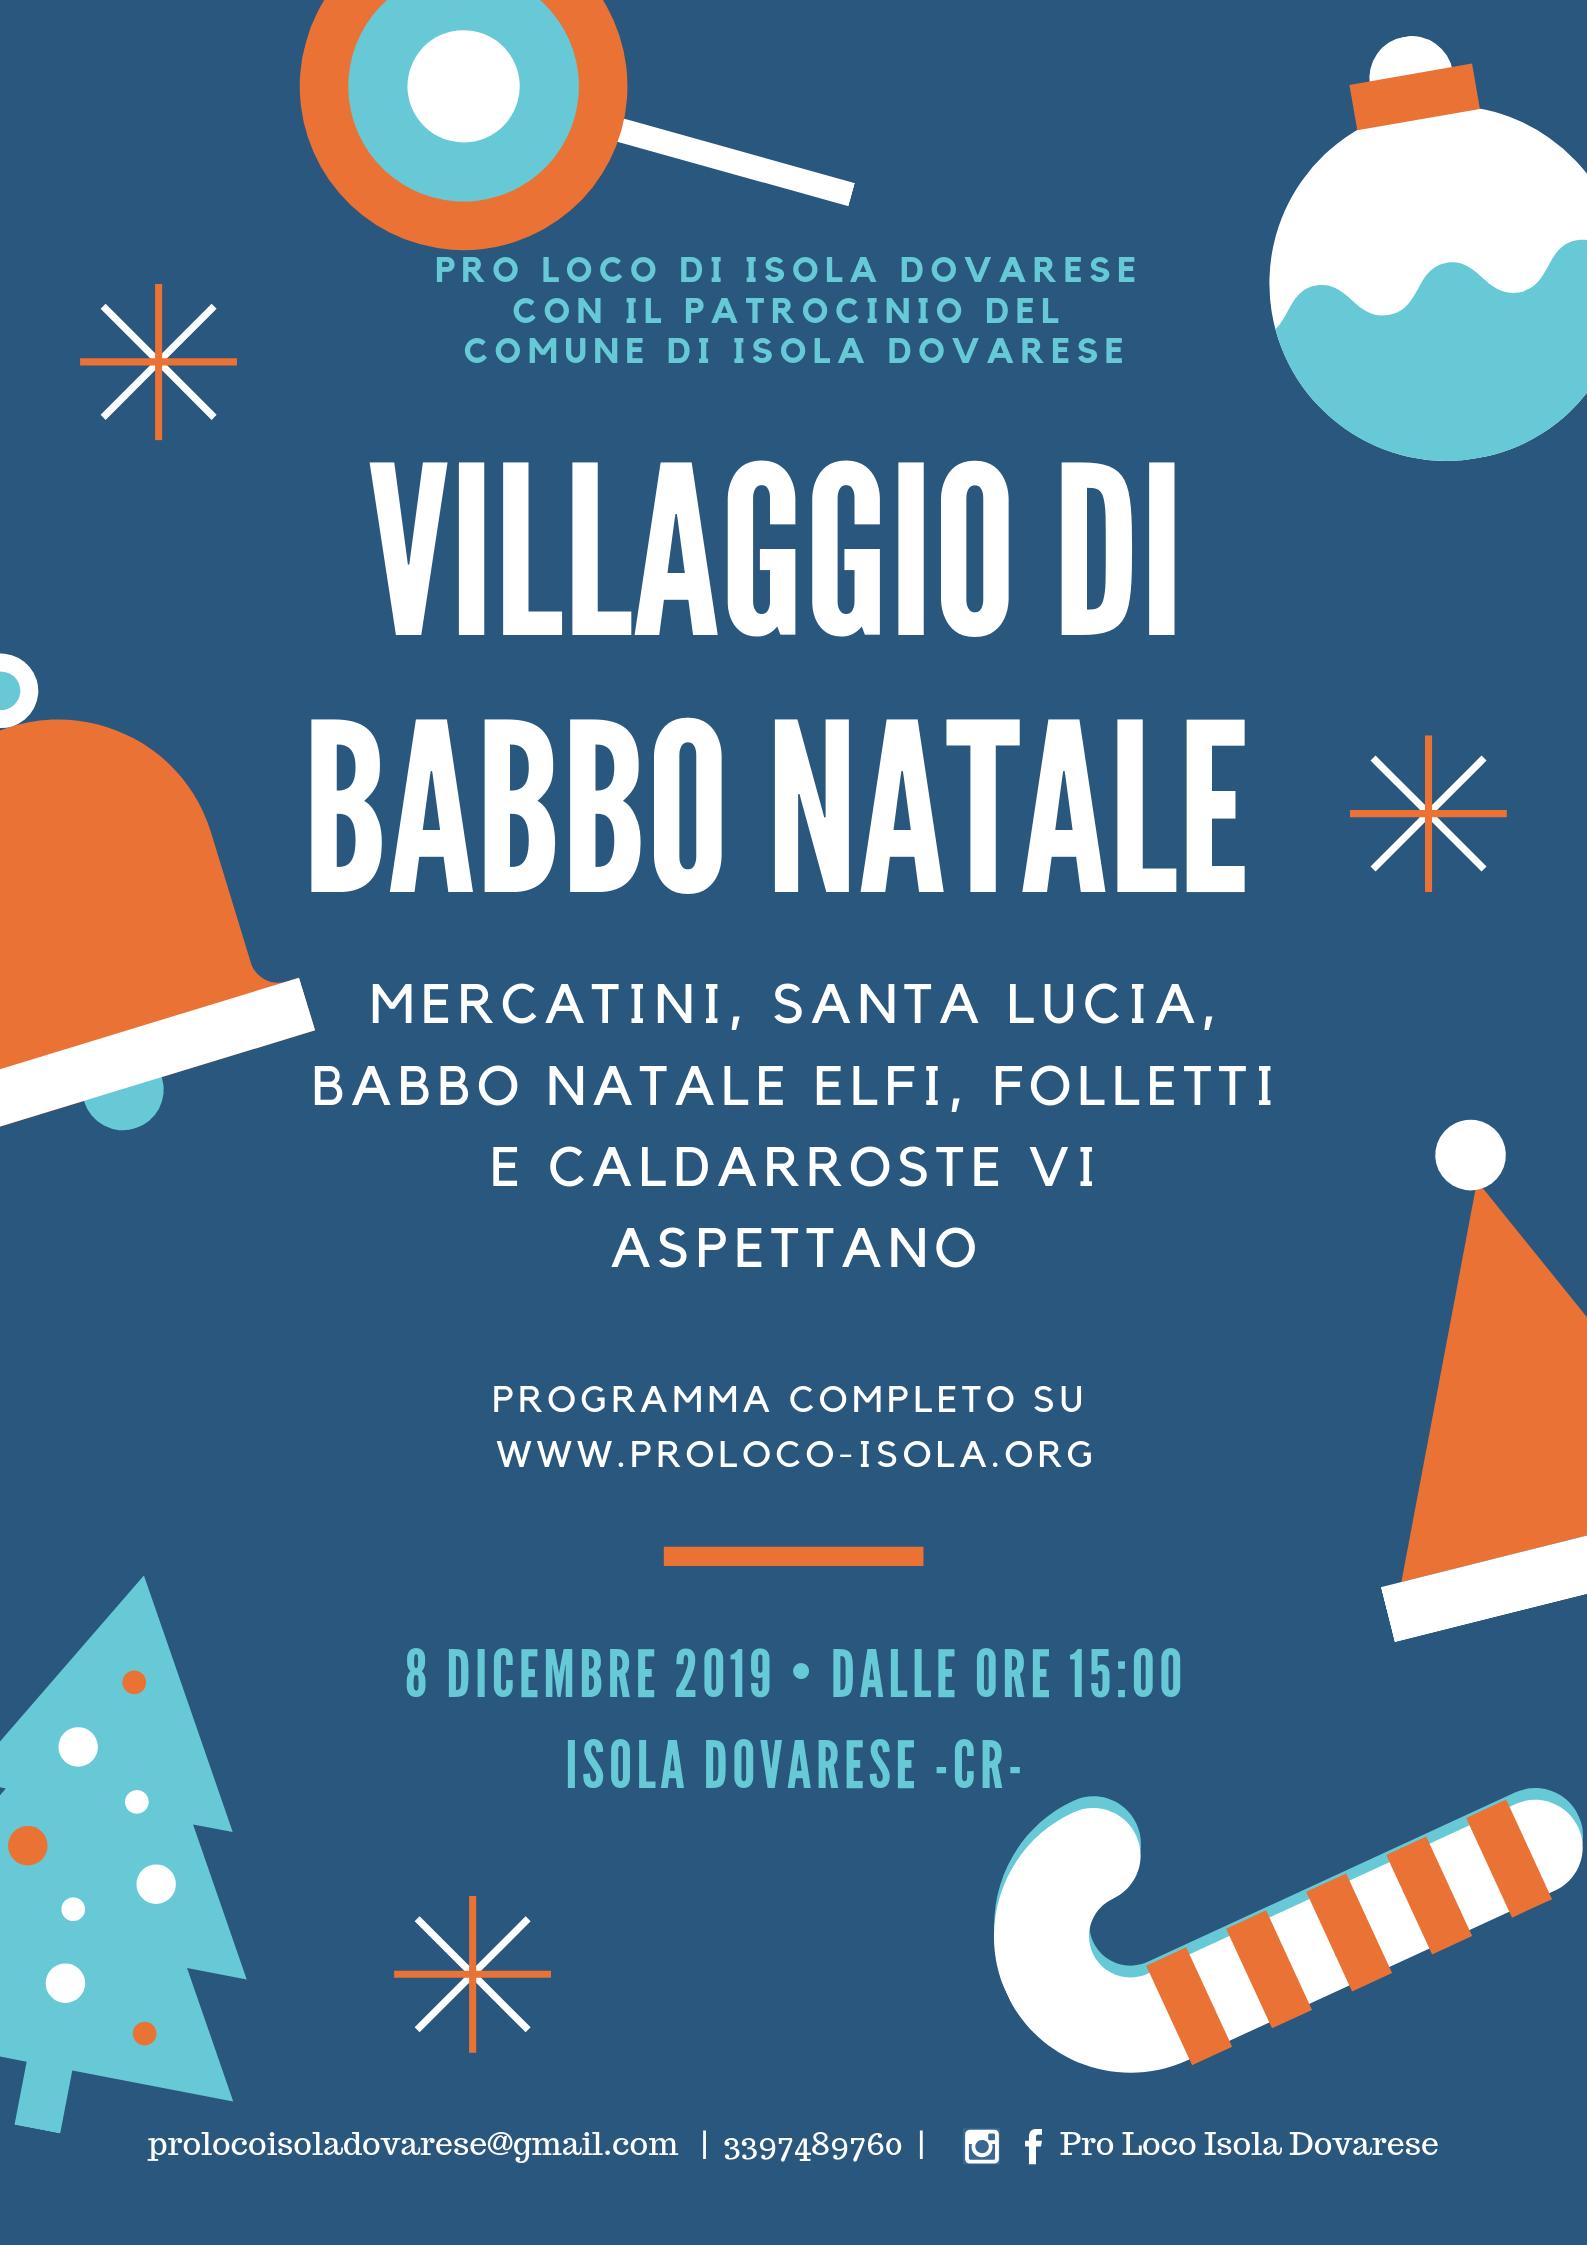 Il villaggio di Babbo Natale 2019